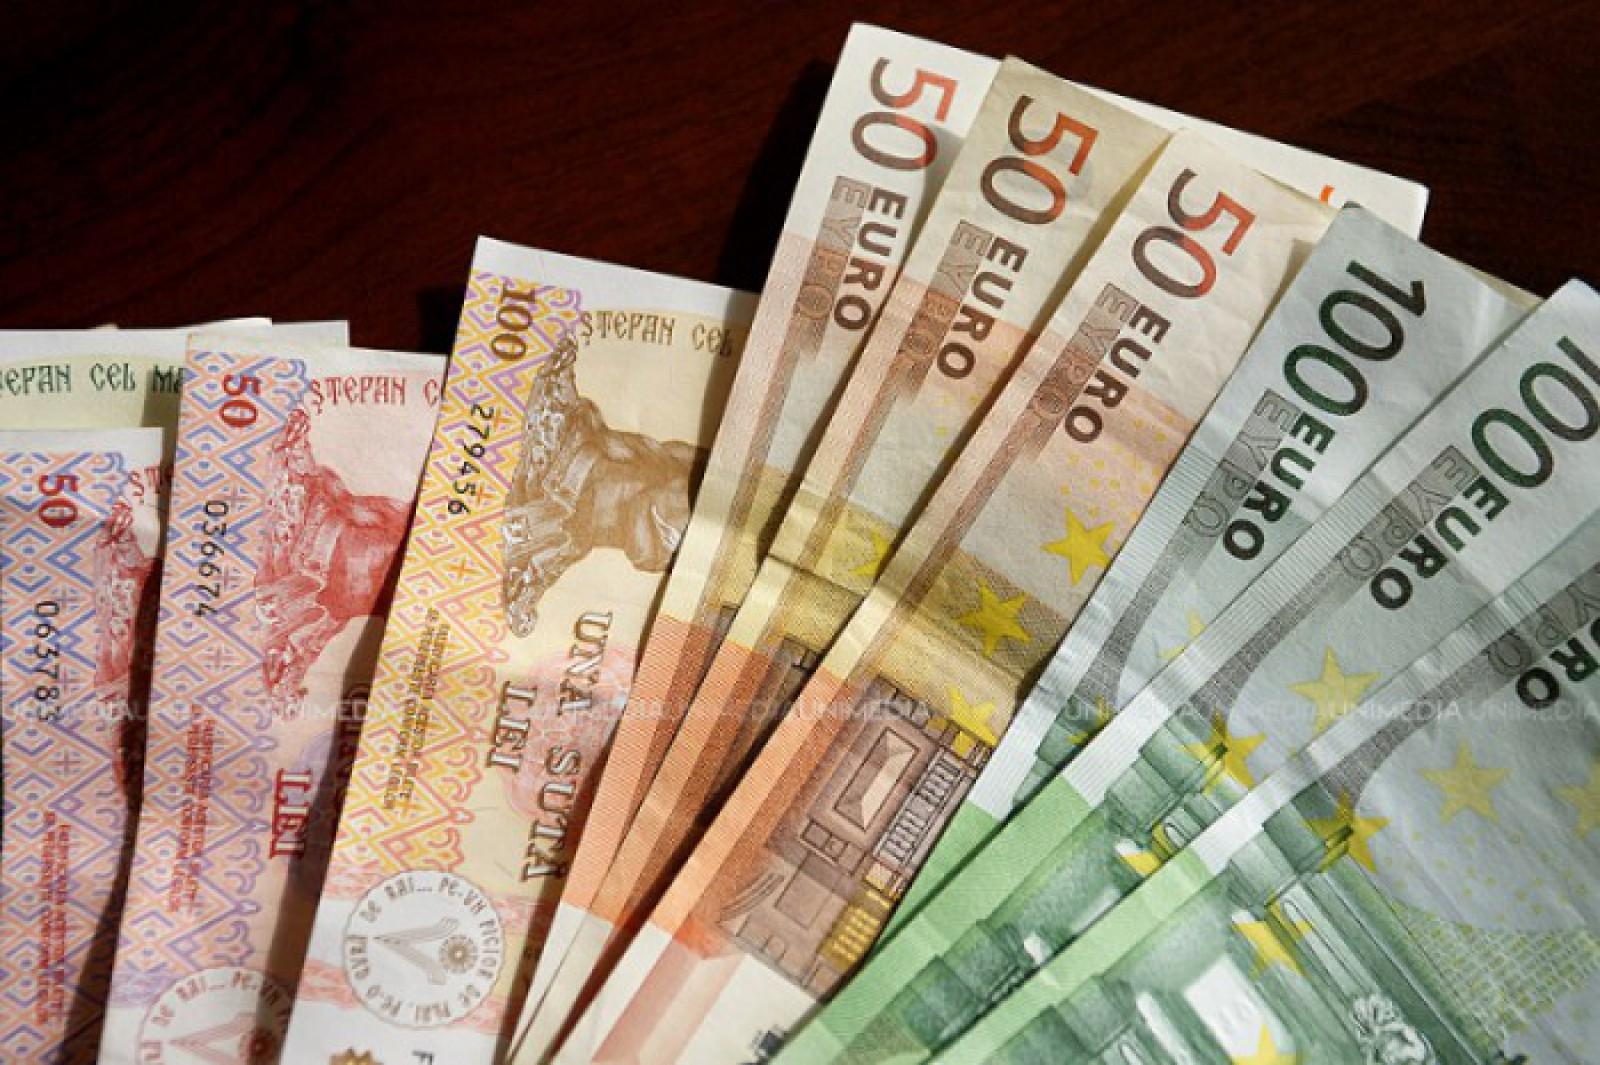 RM iar se împrumută: Guvernul a luat un credit de 30 de mln. de dolari de la BM, pentru a micșora deficitul bugetar